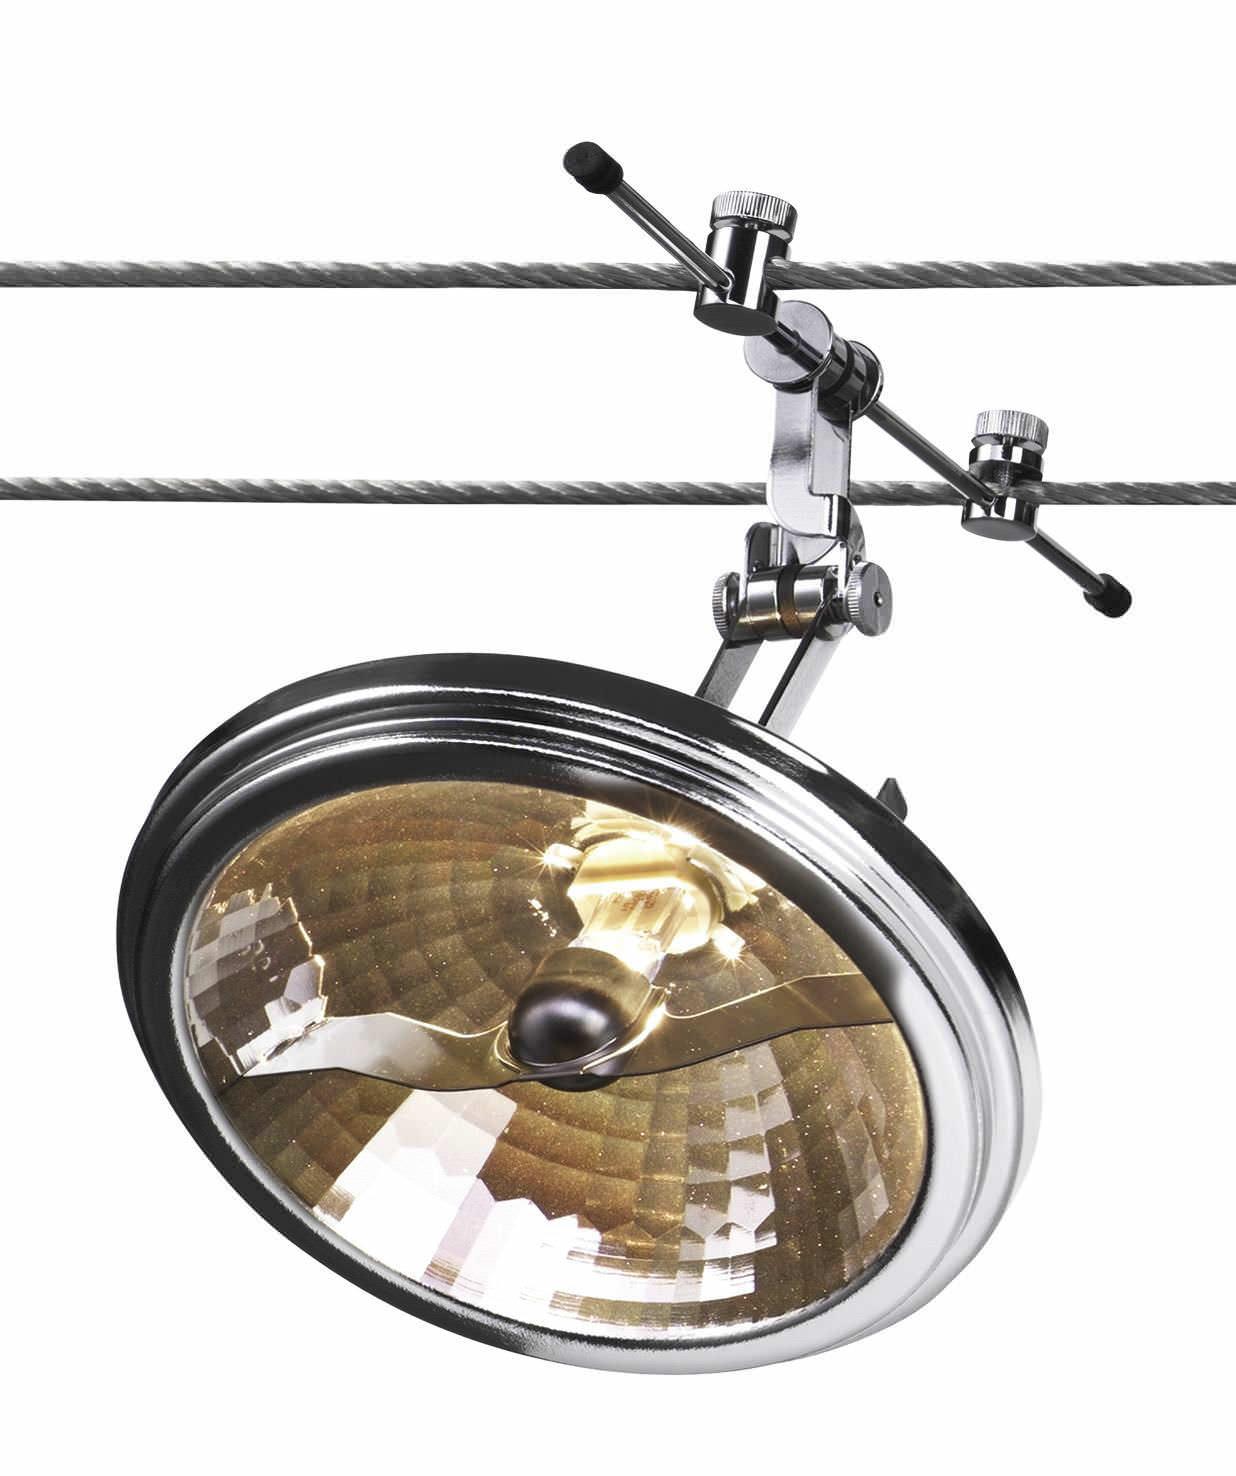 Halogen cable lighting / linear / metal / indoor - CALO QR111 HLI  sc 1 st  ArchiExpo & Halogen cable lighting / linear / metal / indoor - CALO QR111 HLI ... azcodes.com